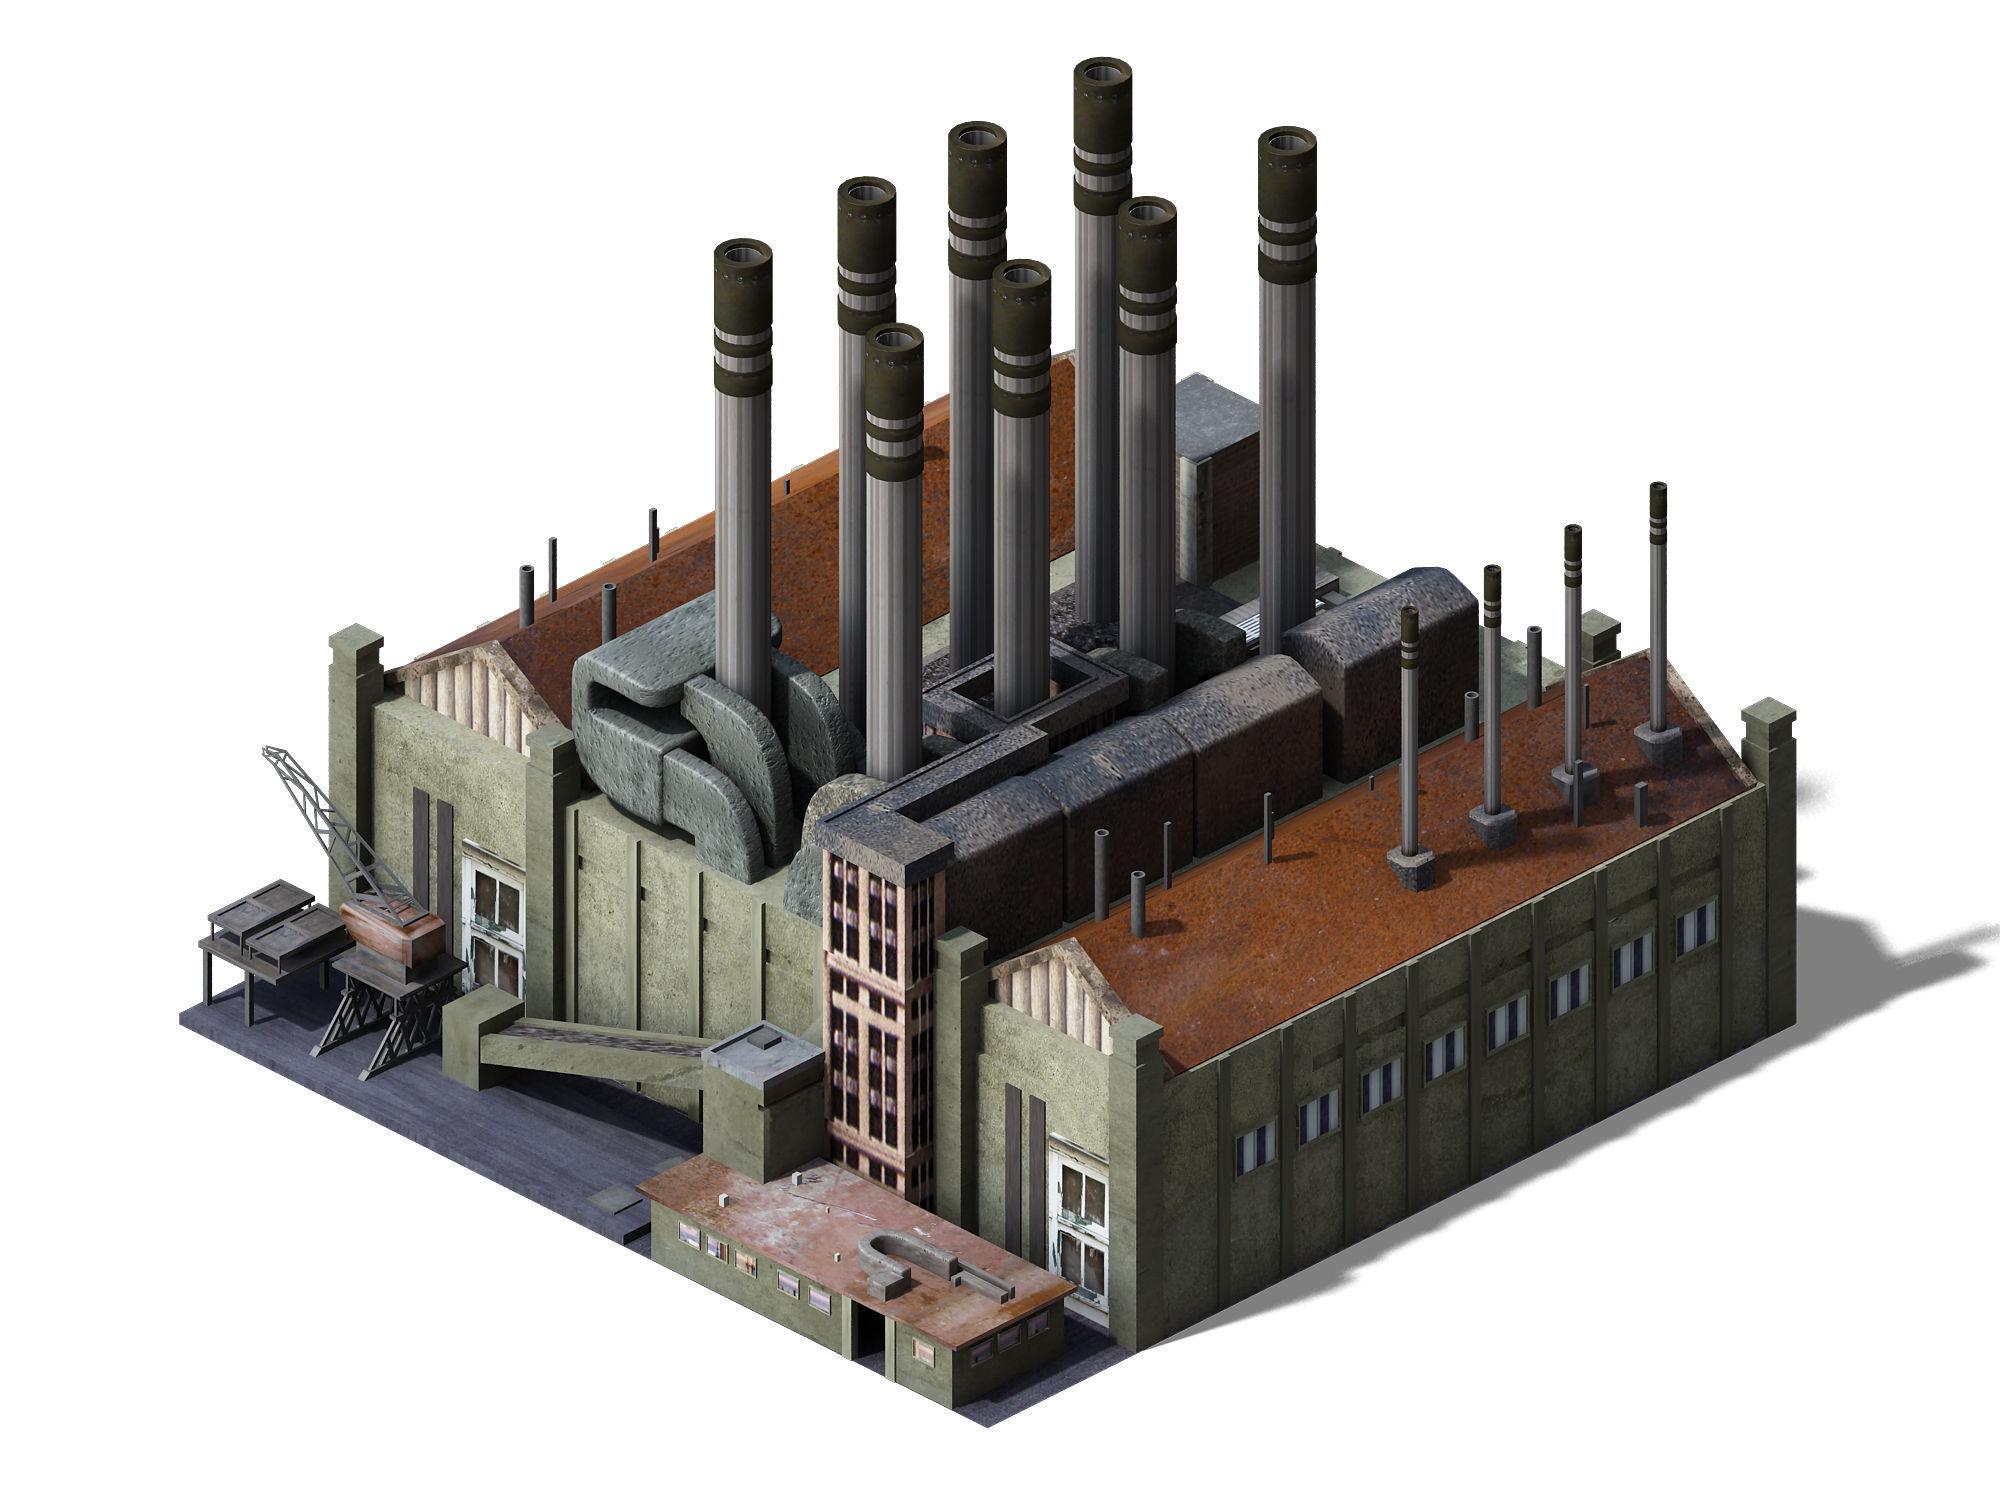 Heterogeneous - Building 10